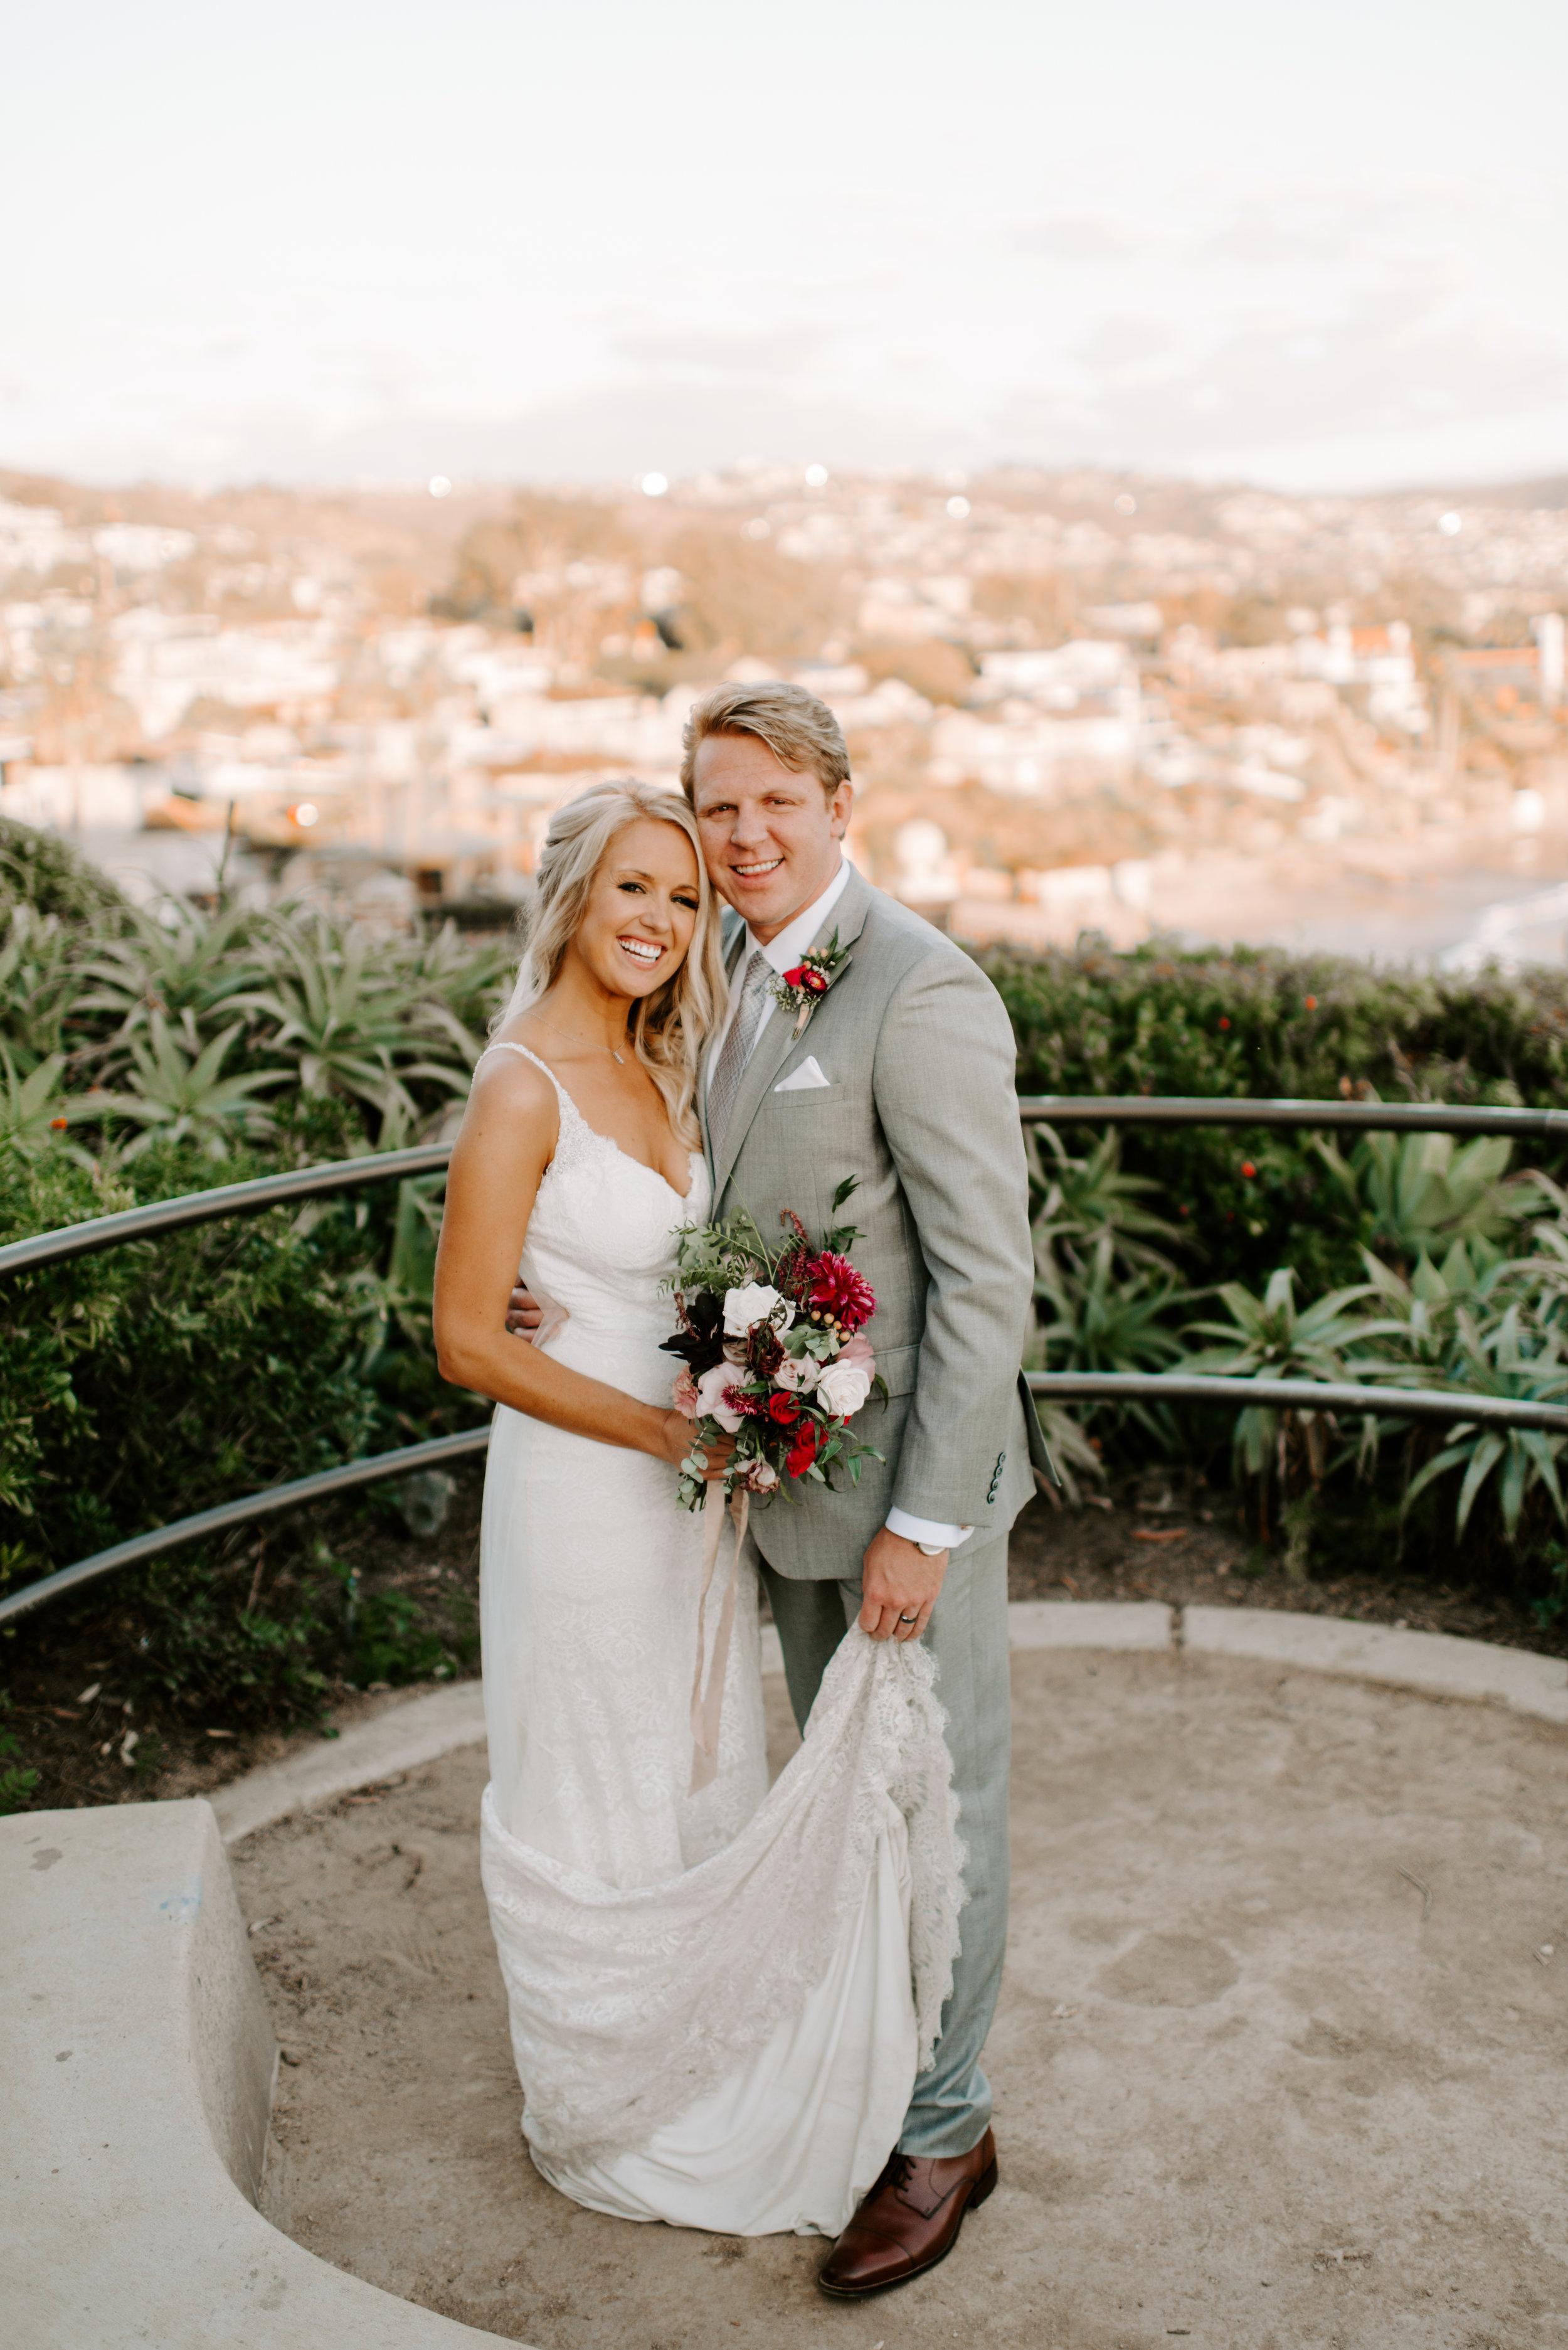 West coast wedding for an LA bride